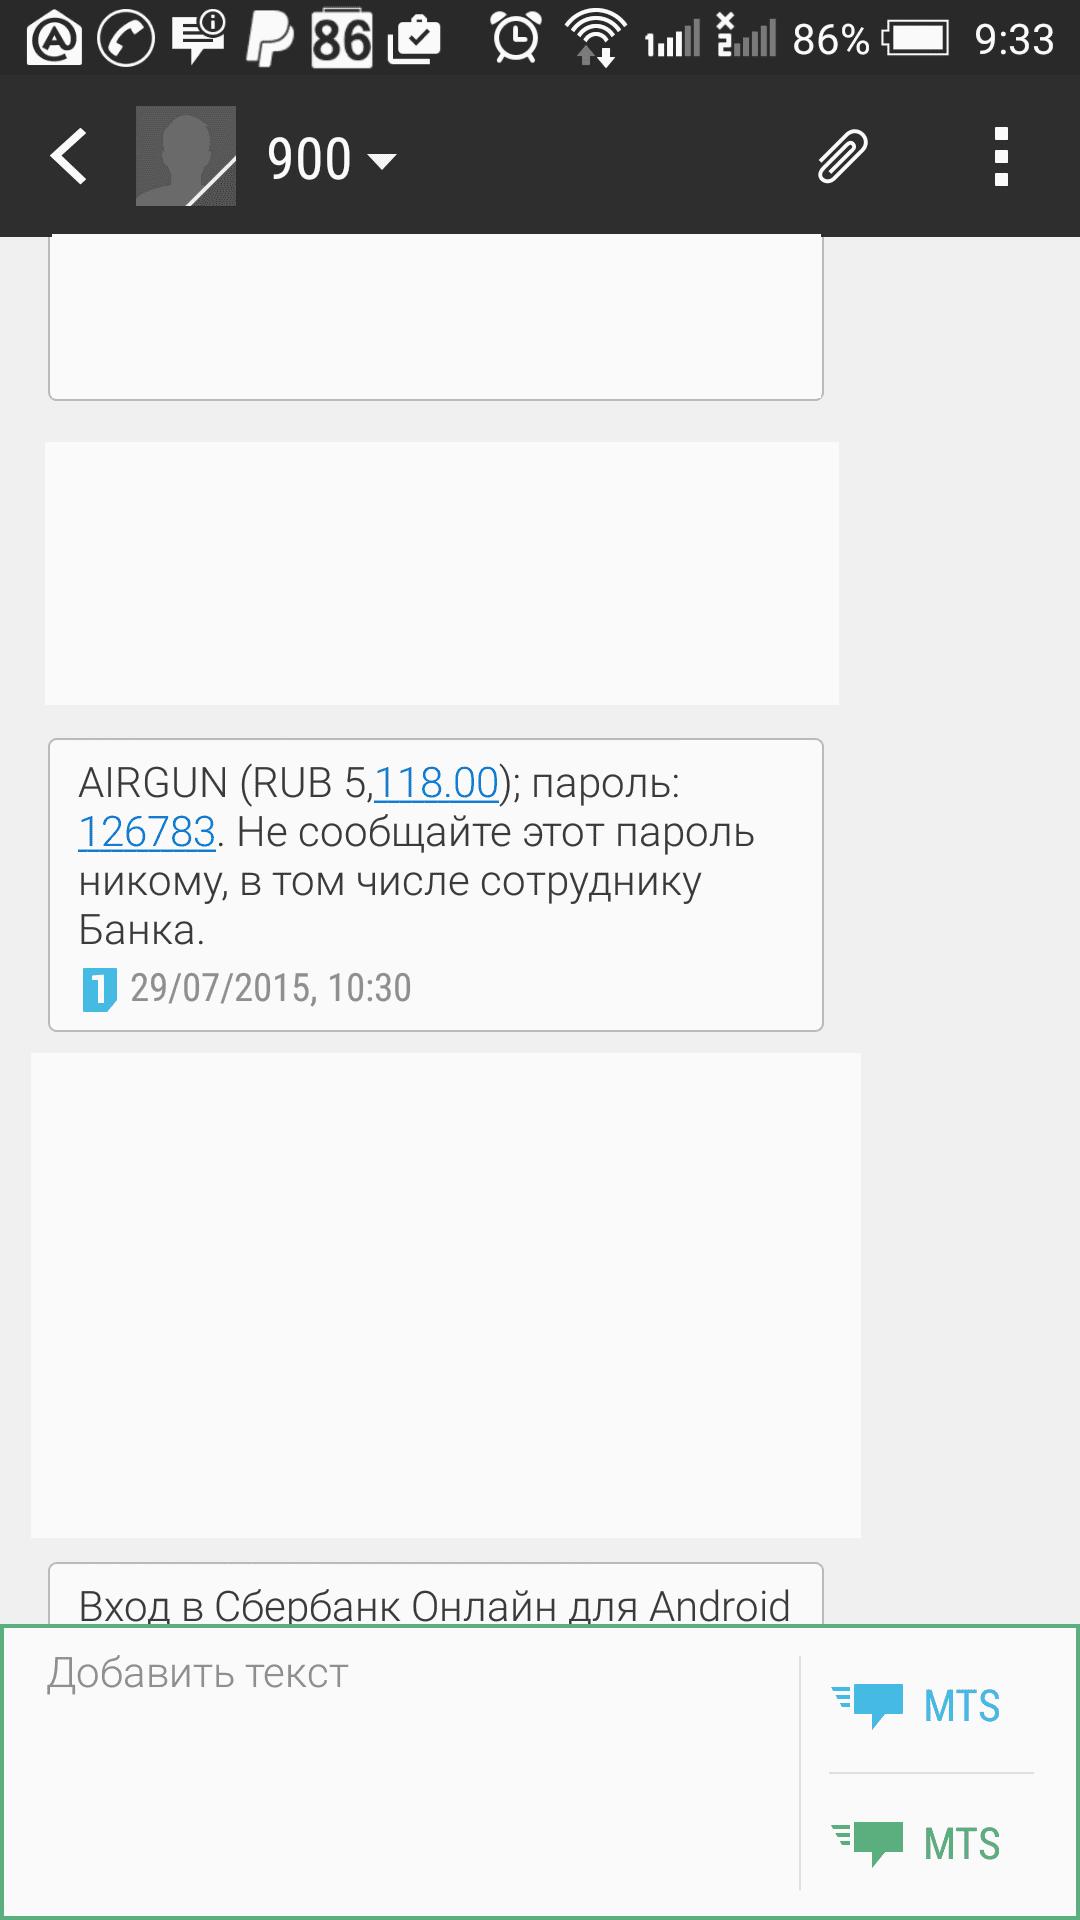 Украли деньги через сбербанк онлайн5c5ac364db810